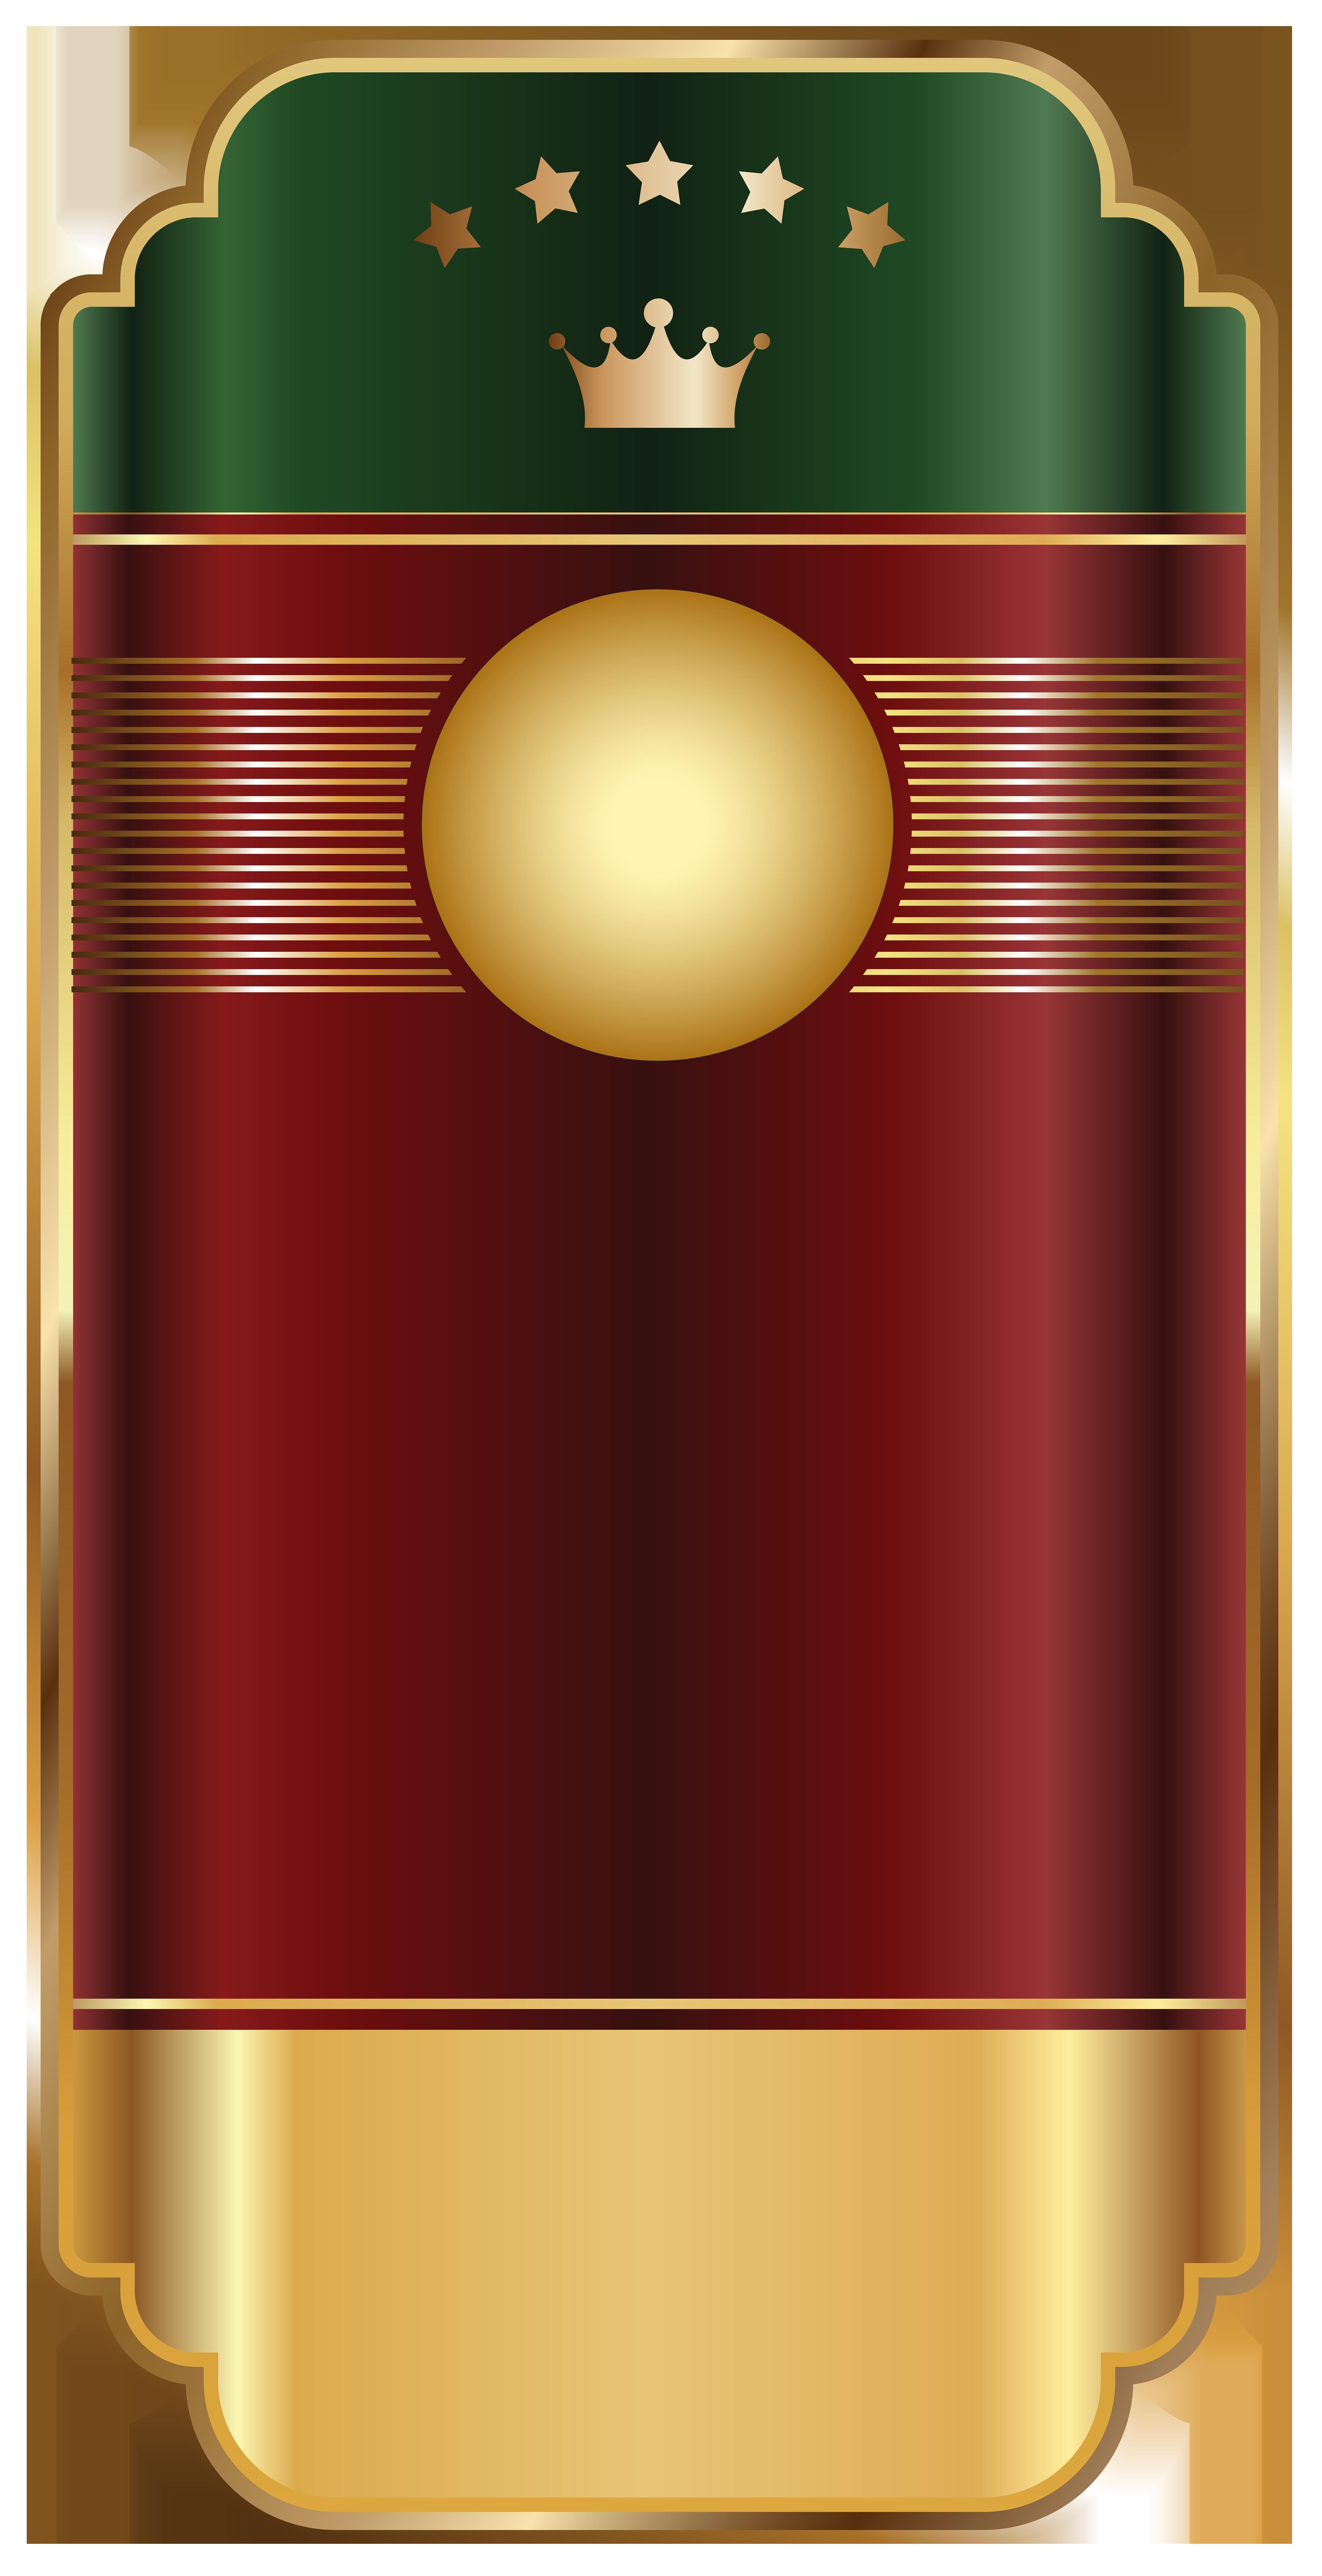 Gold Red Label Template Transparent Png Clip Art Image  Etiquetas